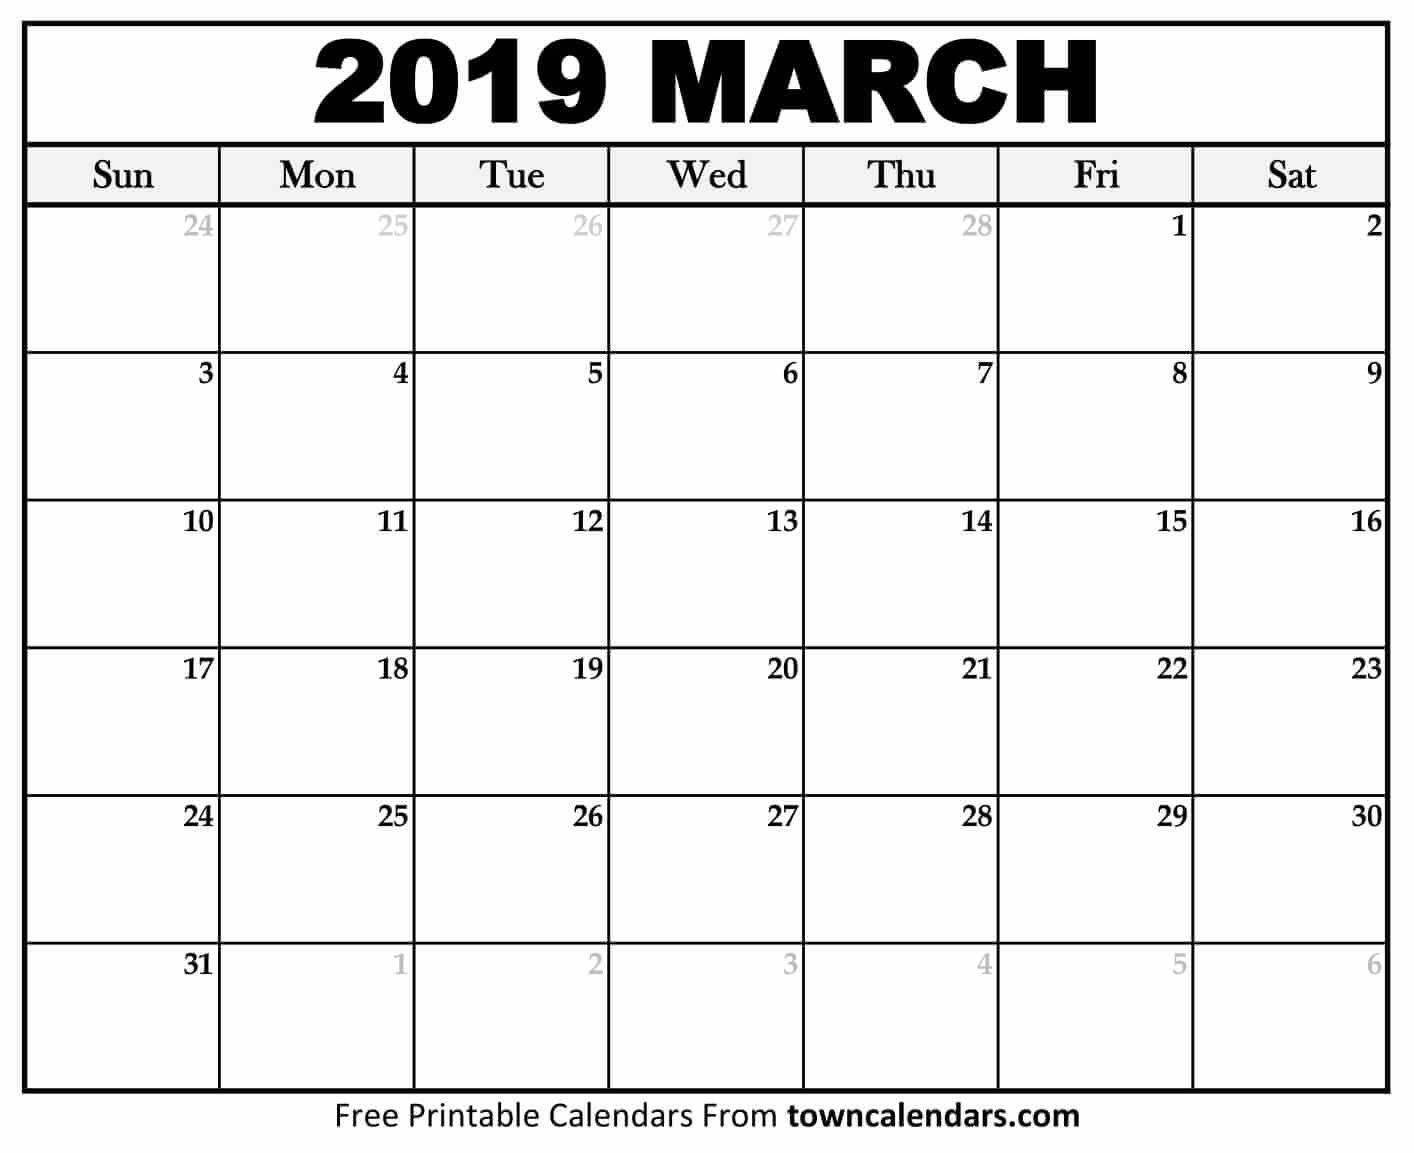 Printable March 2019 Calendar – Towncalendars A Calendar For March 2019